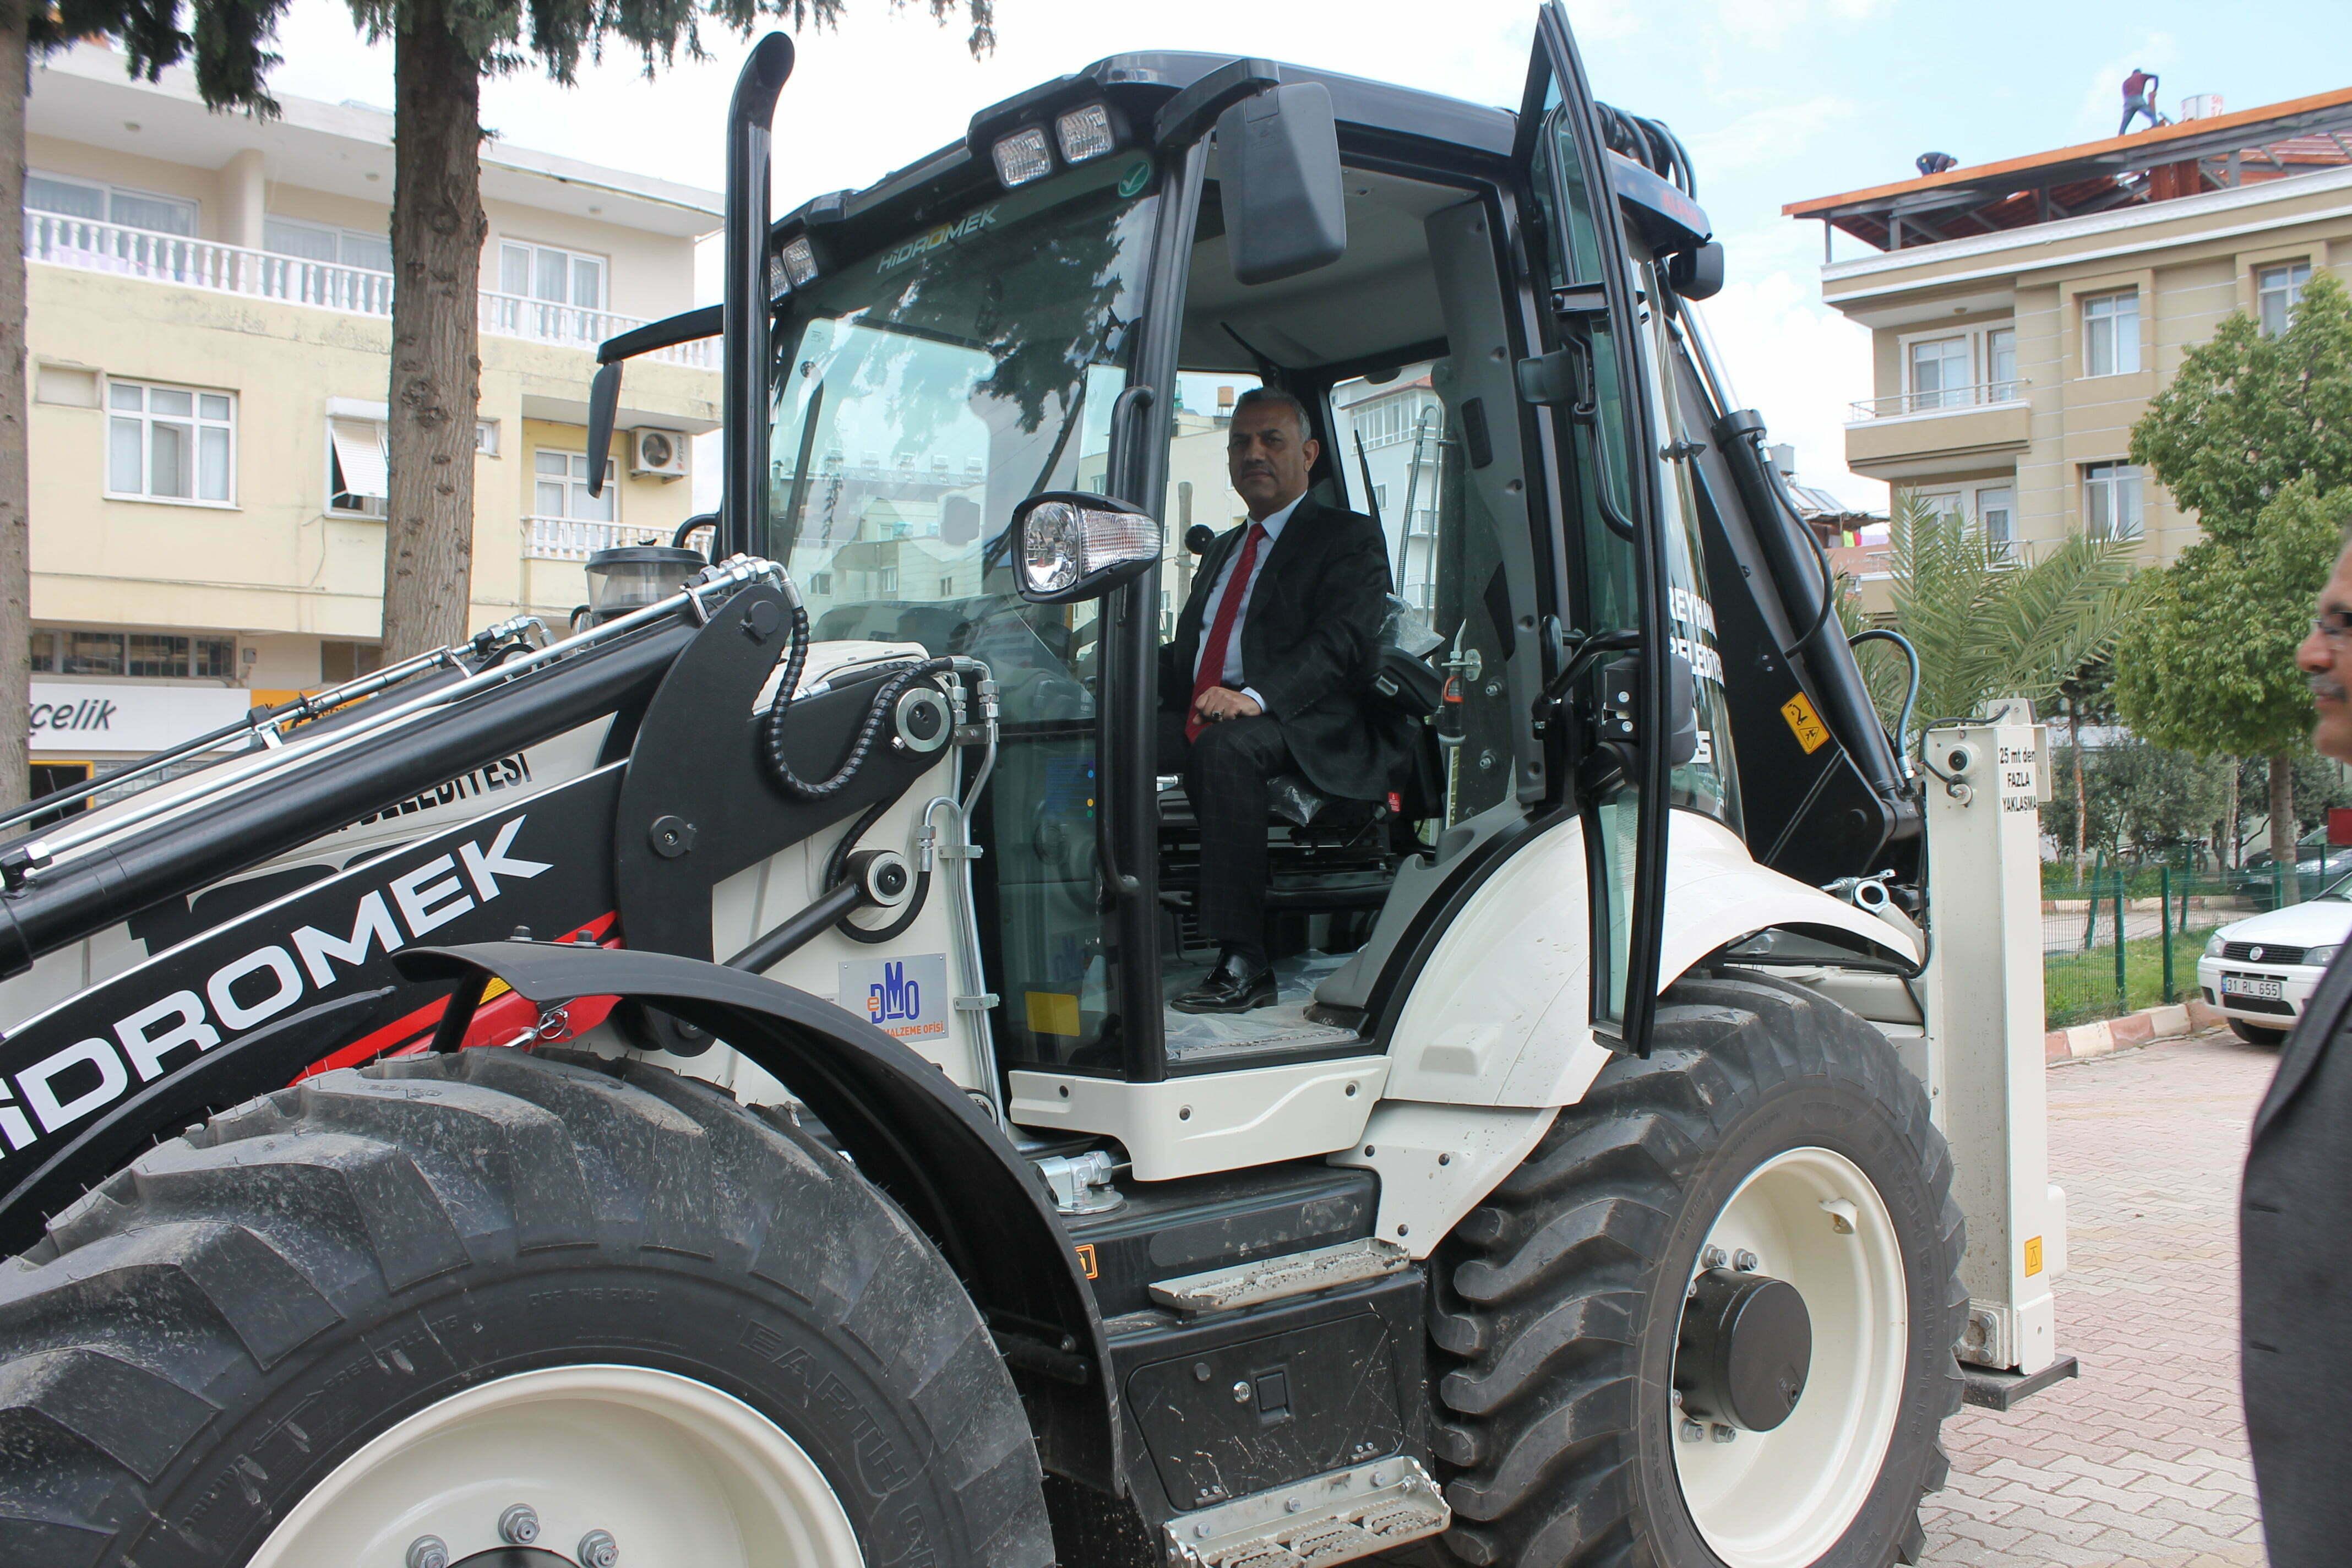 Reyhanlı Belediyesine Hizmet Amaçlı Bir İş Makinesi daha eklendi